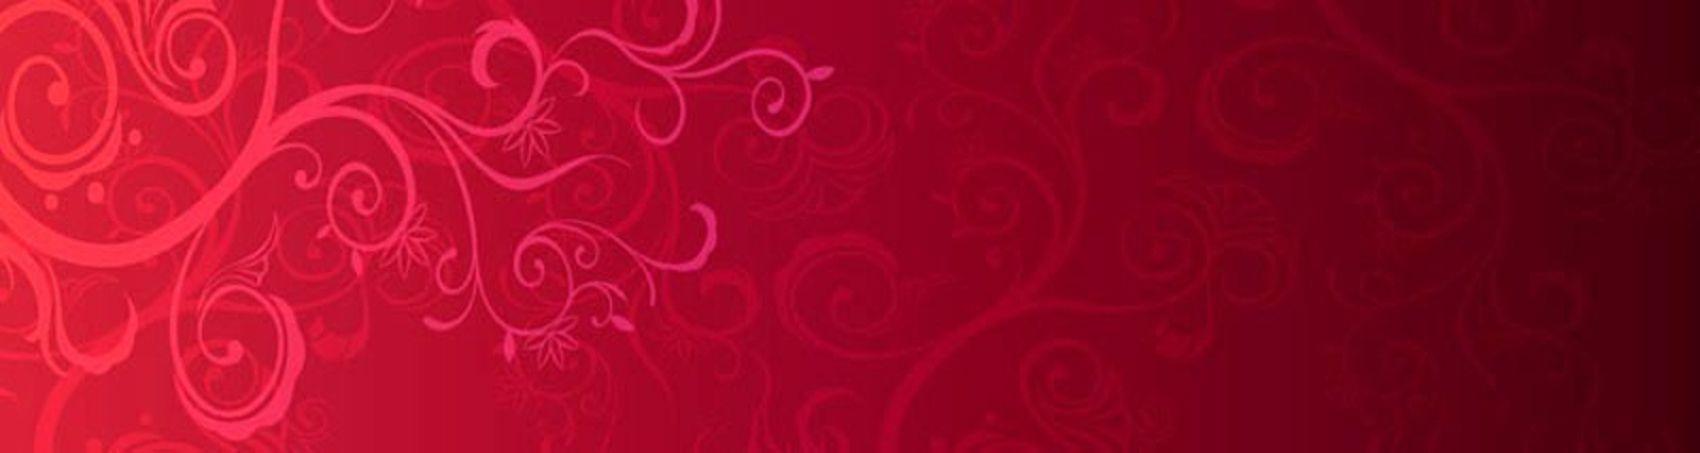 орнамент на красном фоне